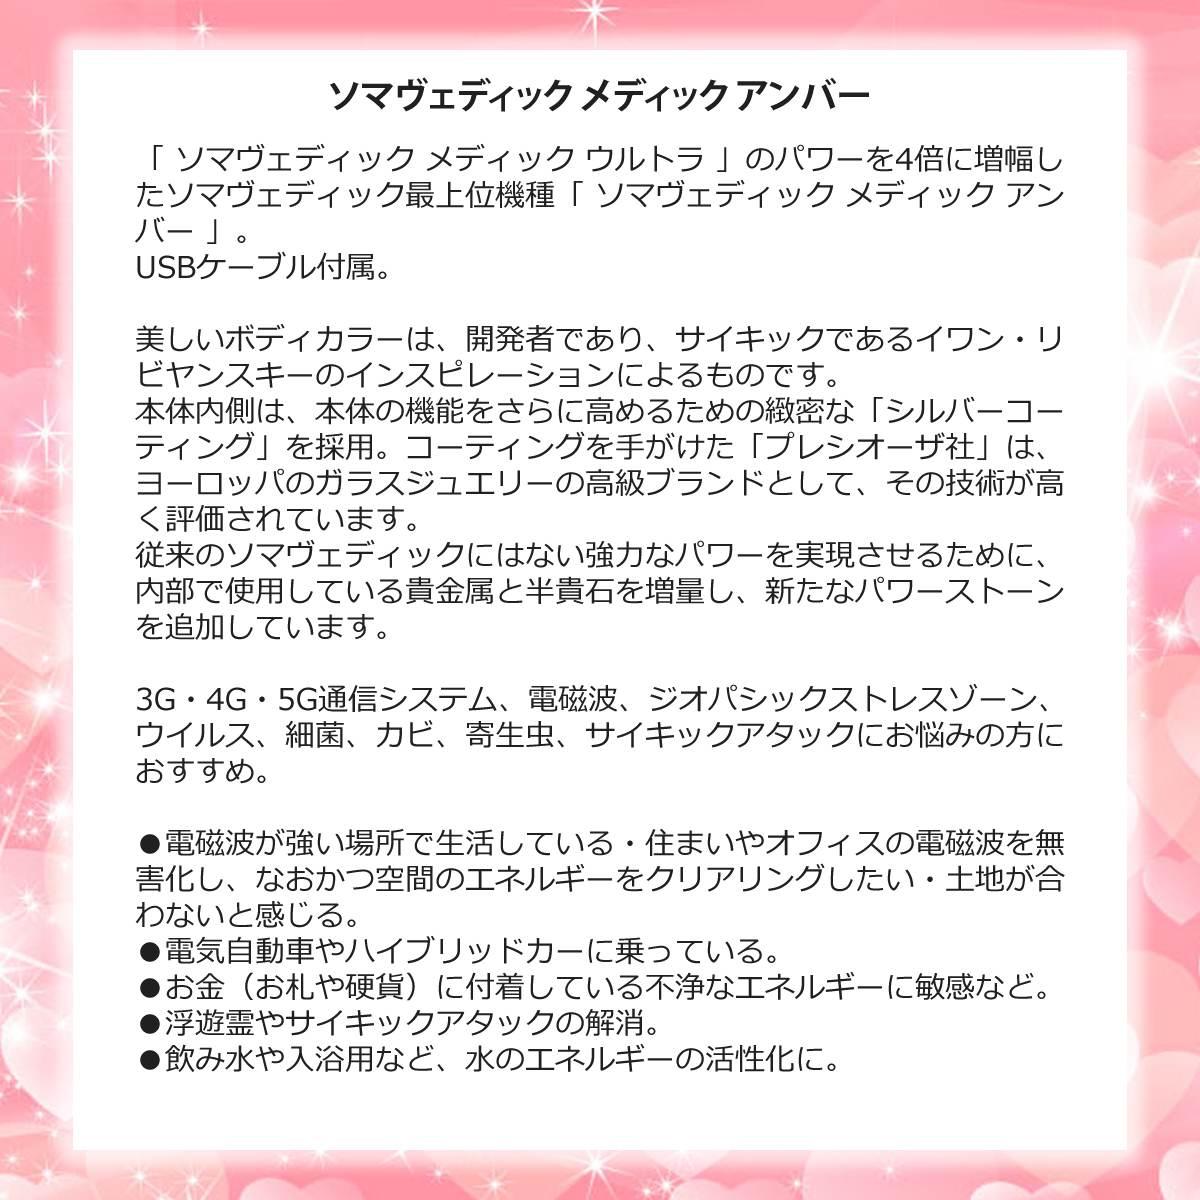 ソマヴェディック メディック アンバー SM-10 USBケーブル付属 【翌日配達 送料無料】